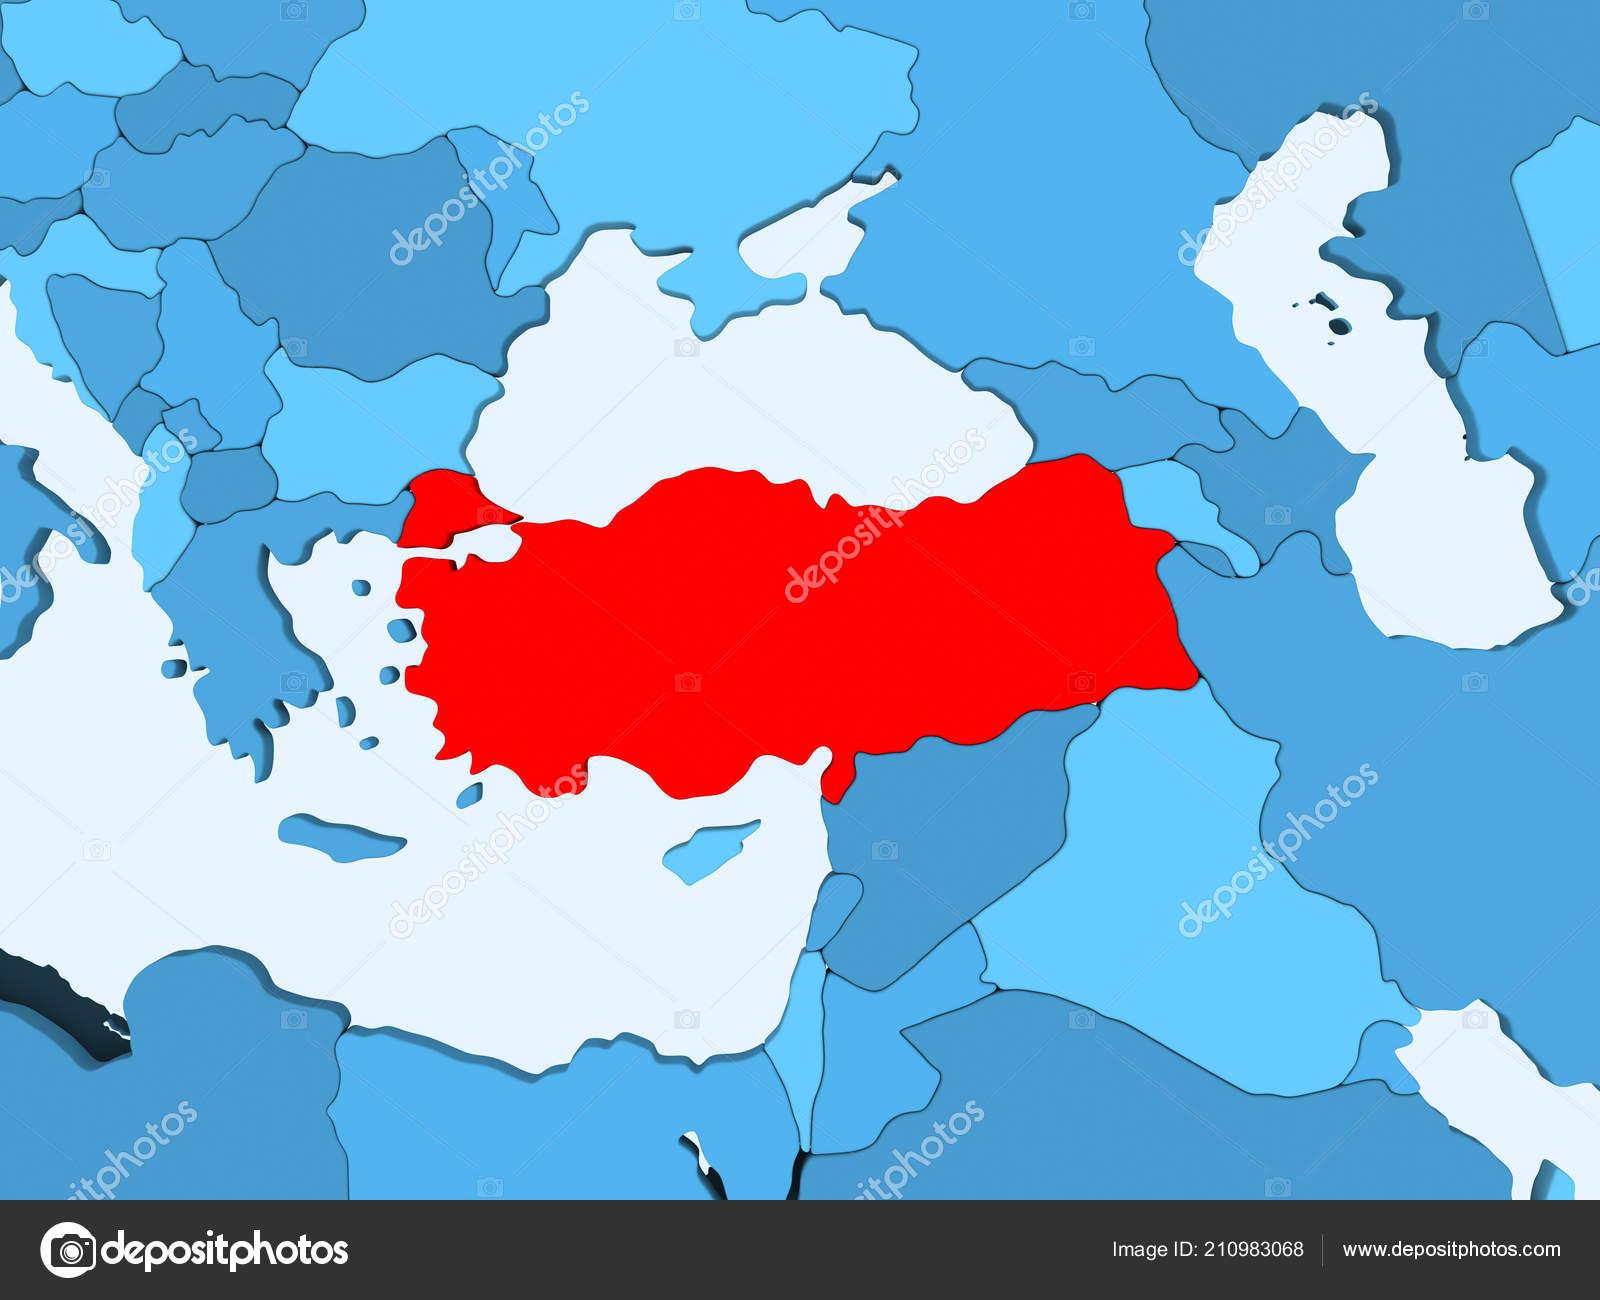 Turkey Red Blue Political Map Transparent Oceans Illustration